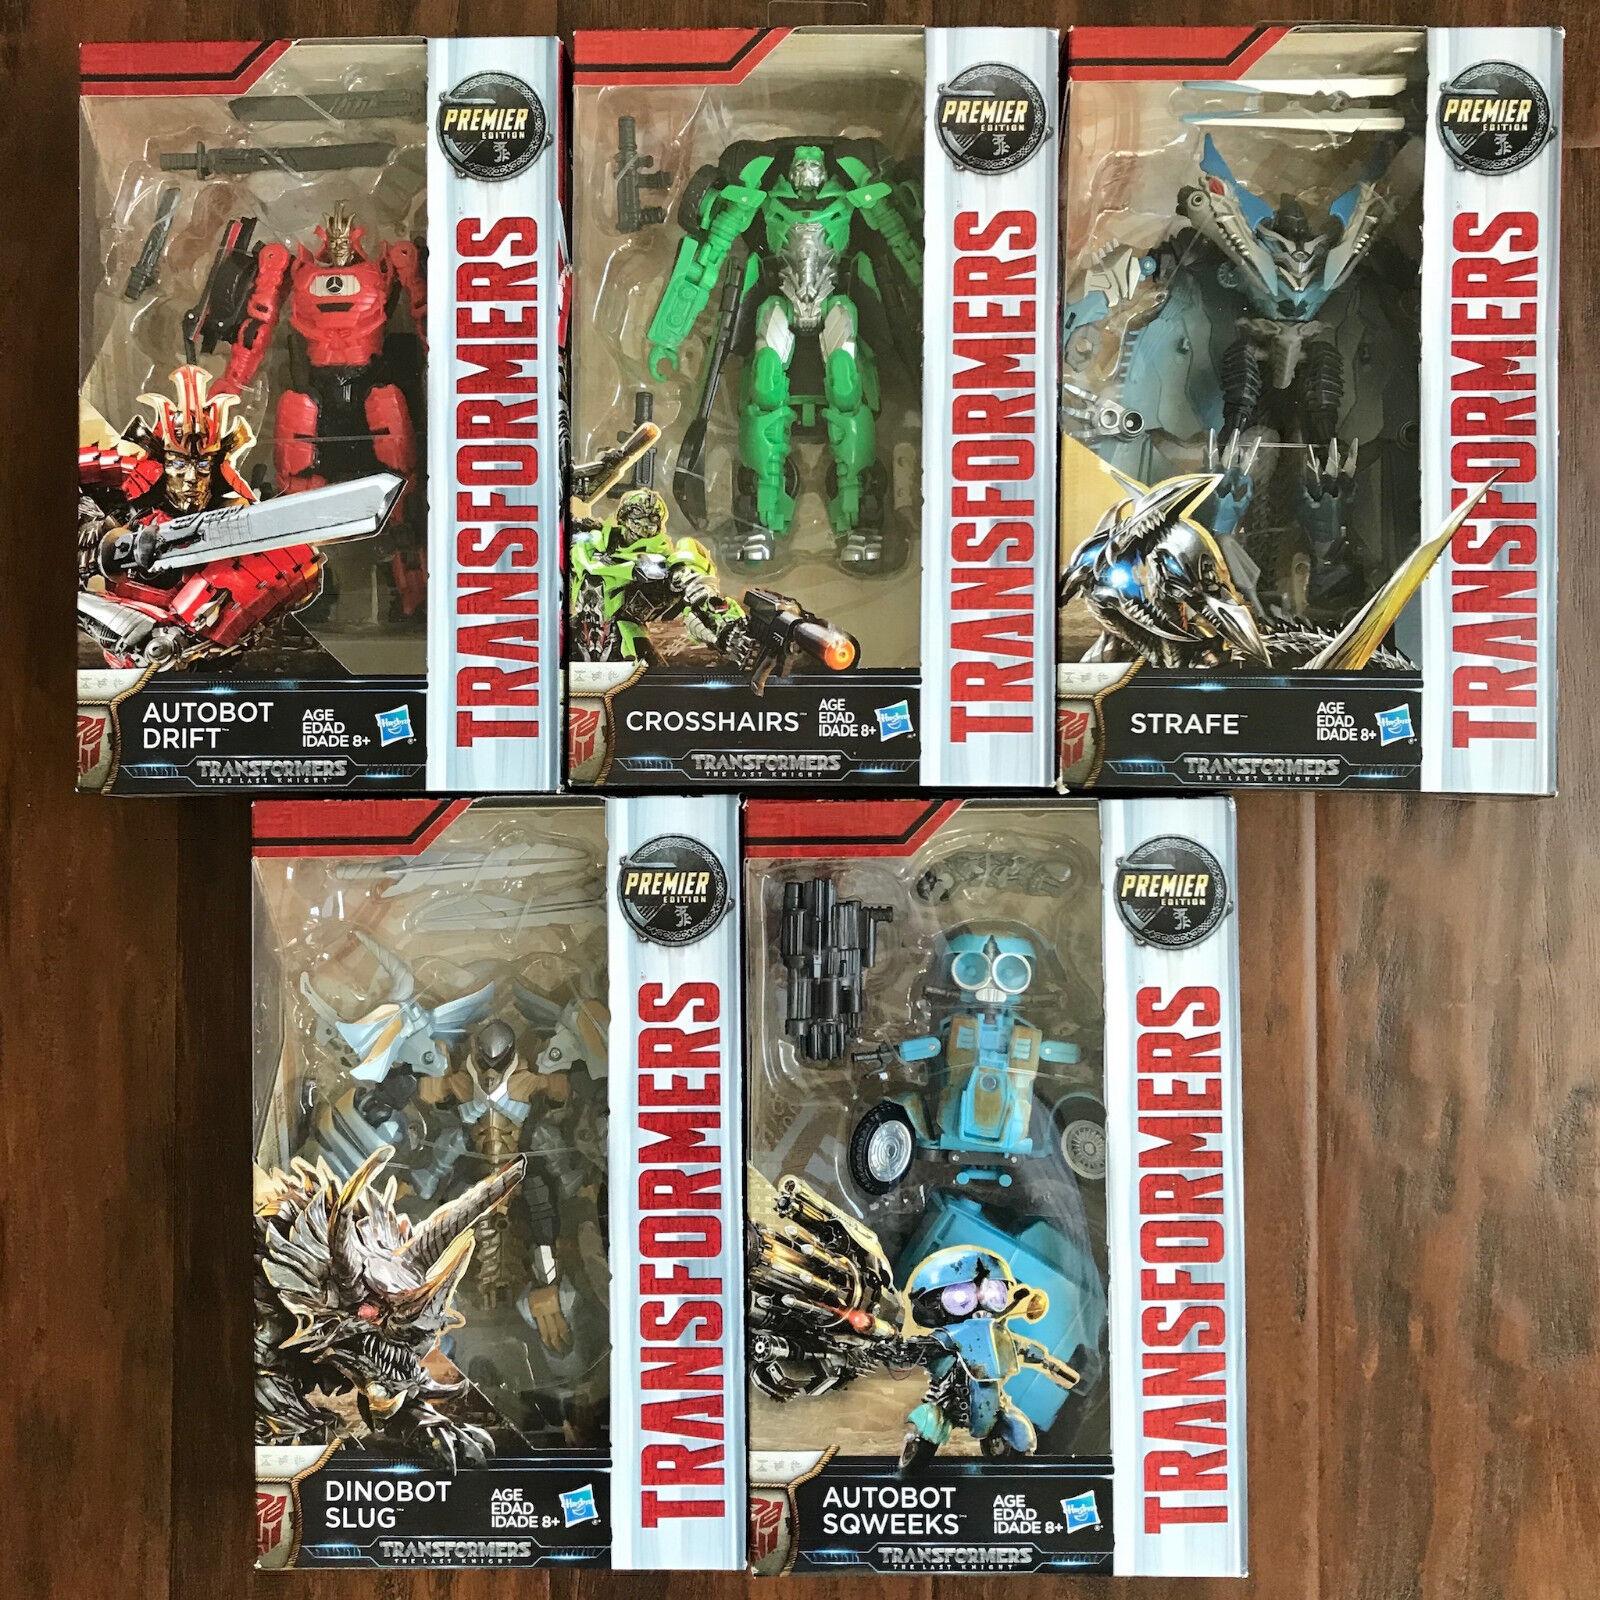 Seleccione de las marcas más nuevas como Transformers el último último último caballero lote de 5-Fina Deriva Strafe Dinobot sqweeks  Los mejores precios y los estilos más frescos.